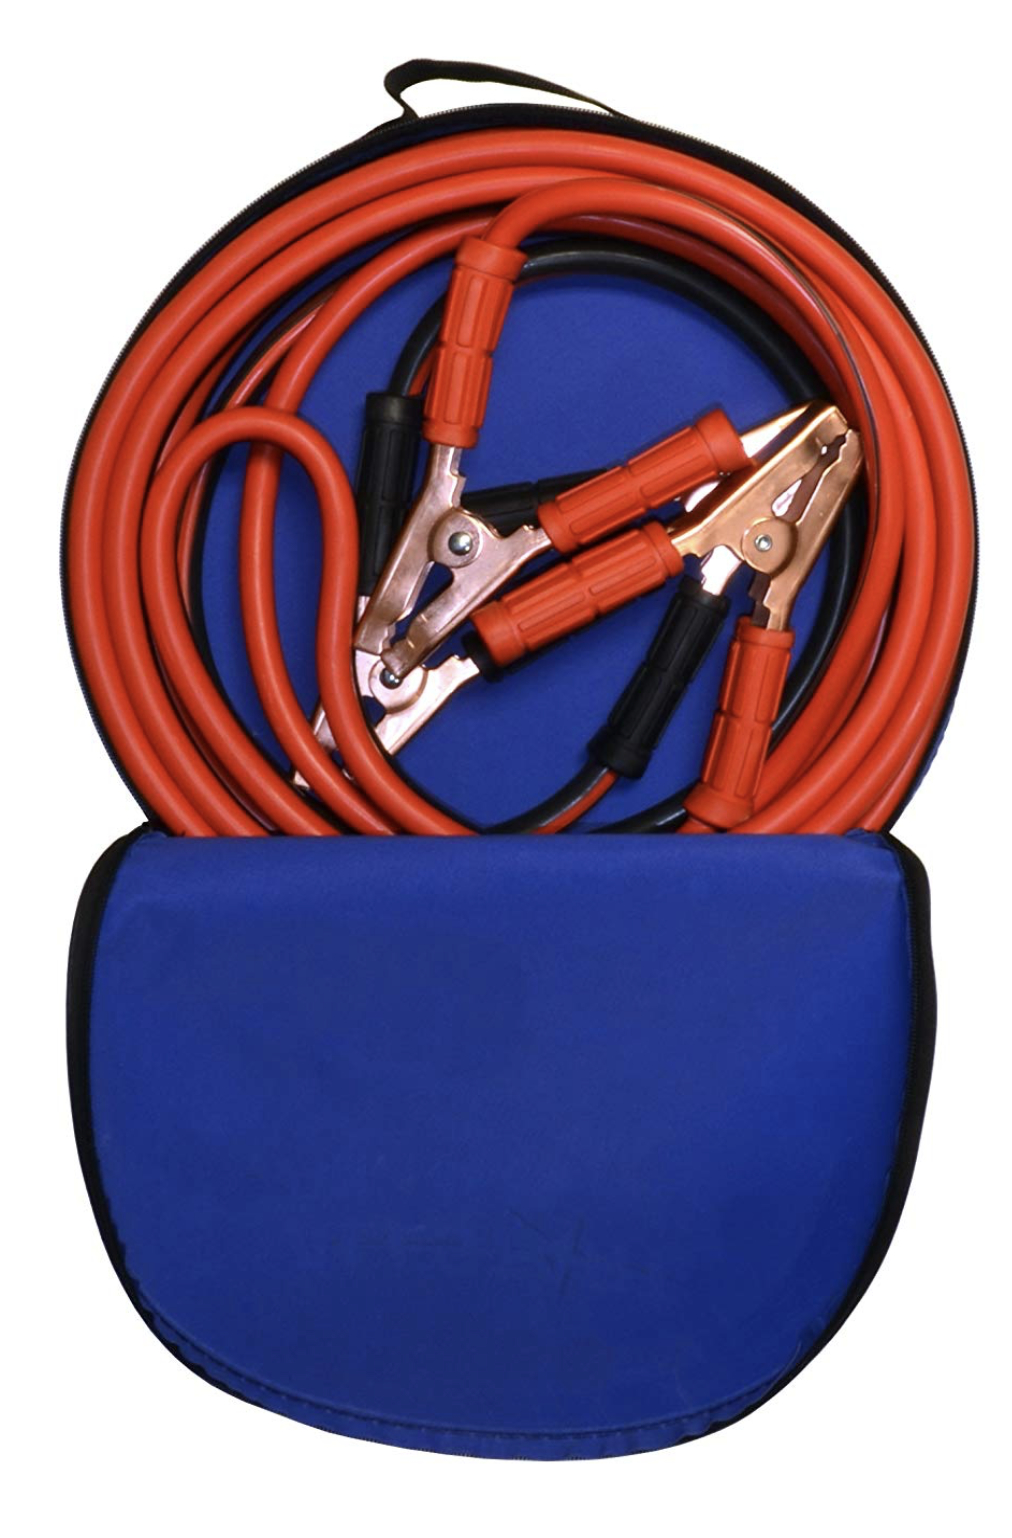 Allstart 20 6-Gauge Jumper Cable 563